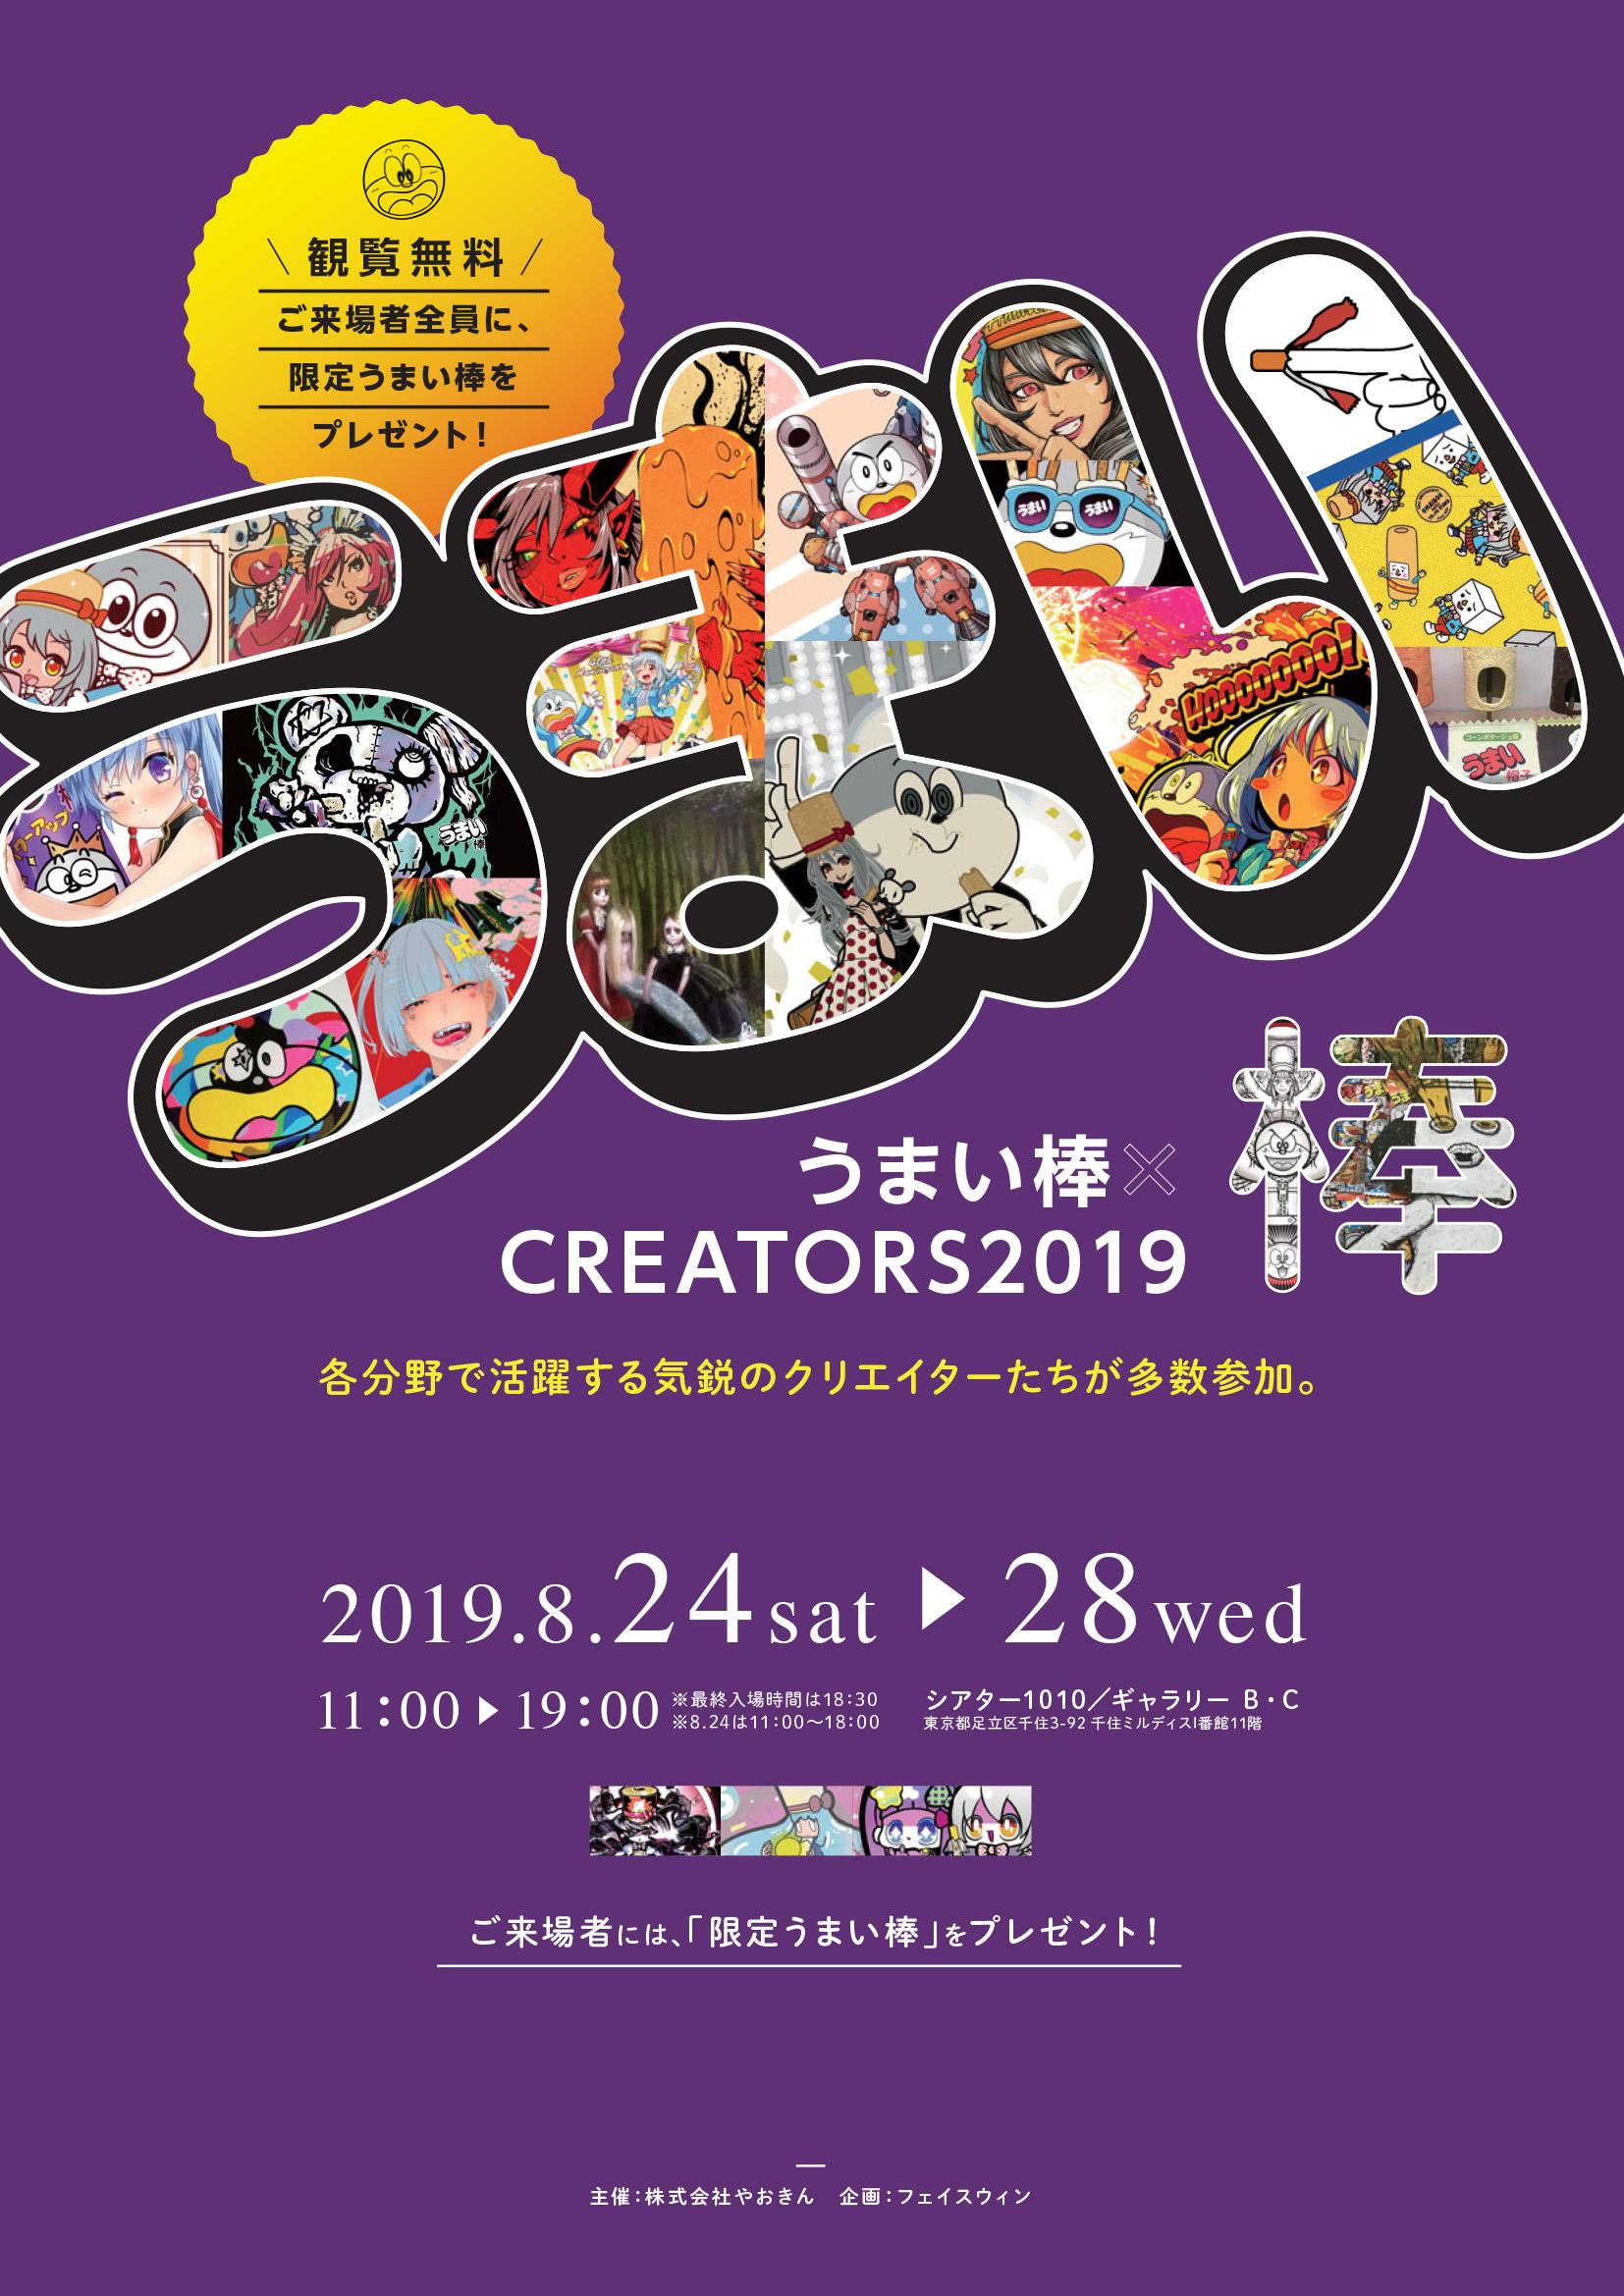 うまい棒×CREATORS展@東京都北千住に行くと限定うまい棒がもれなく貰える。8/24~8/28。